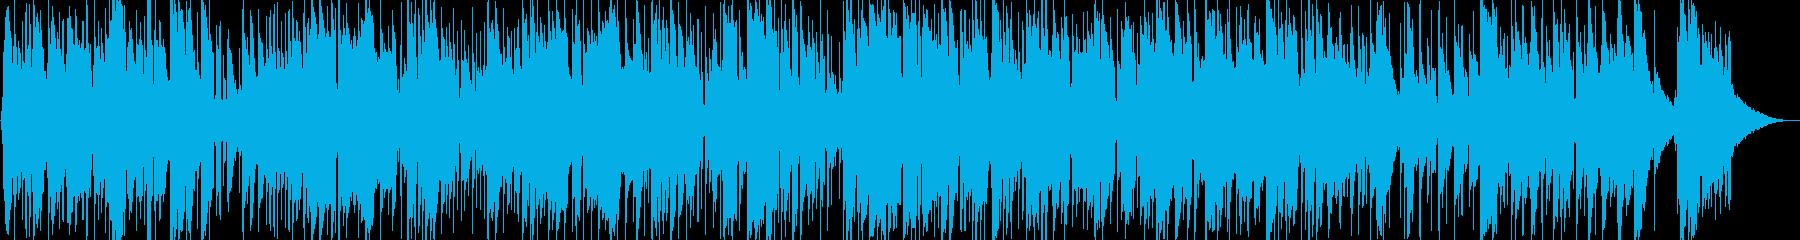 安らぐイージーリスニング曲の再生済みの波形